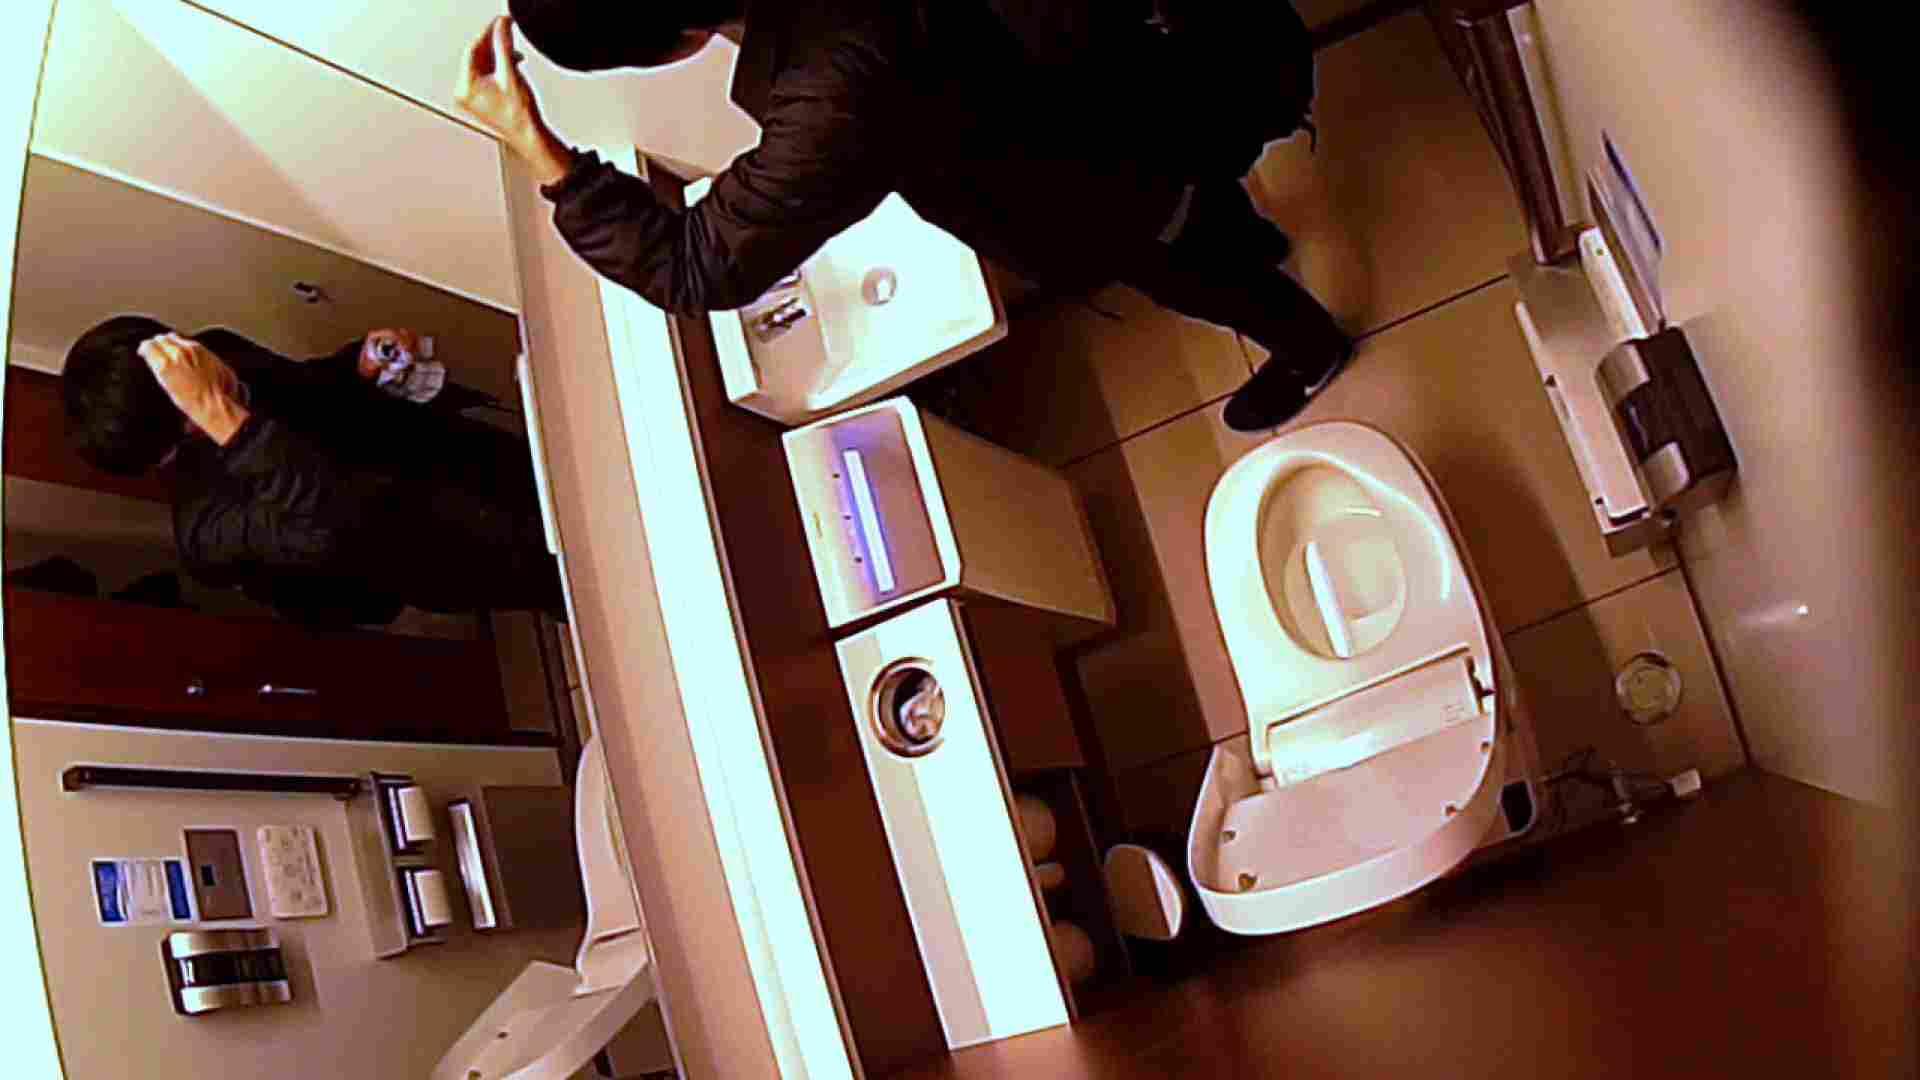 すみませんが覗かせてください Vol.32 トイレ  61連発 56